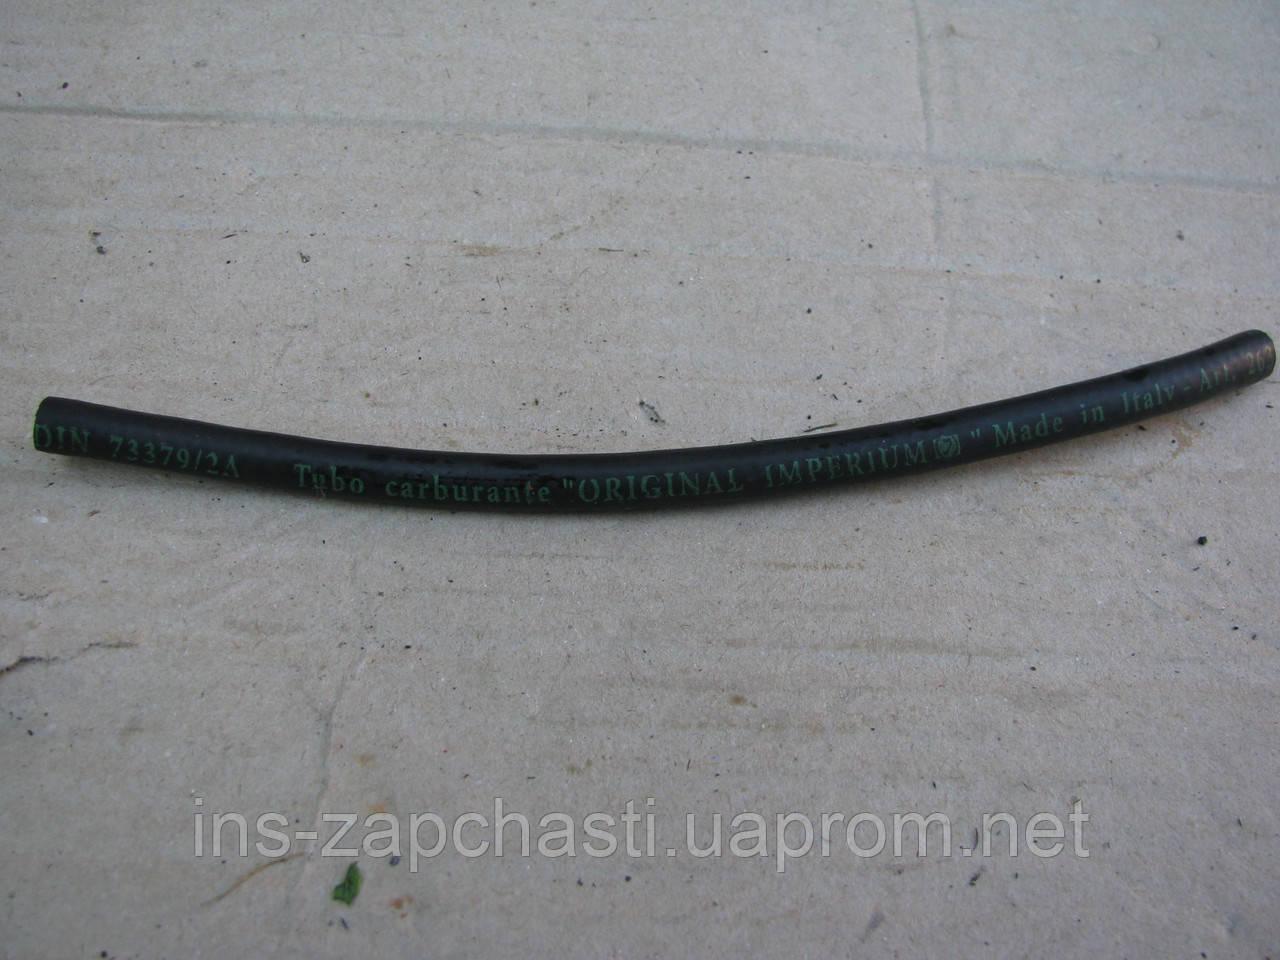 Топливный шланг DIN 73379-2A